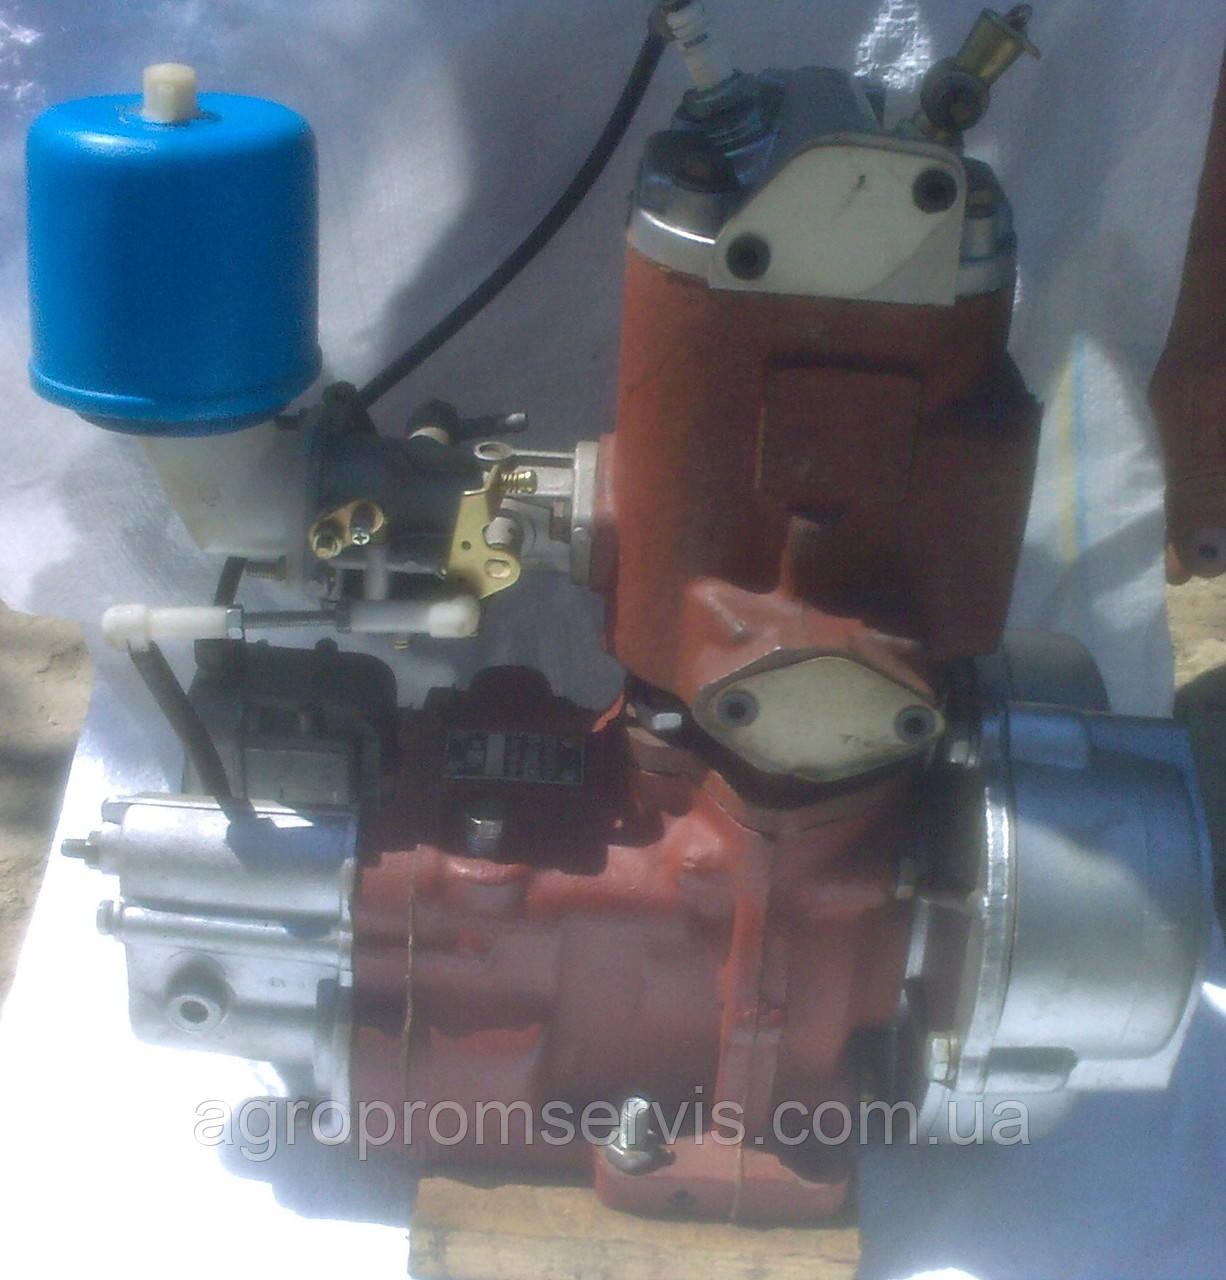 Пусковой двигатель ПД-10 (в сборе)